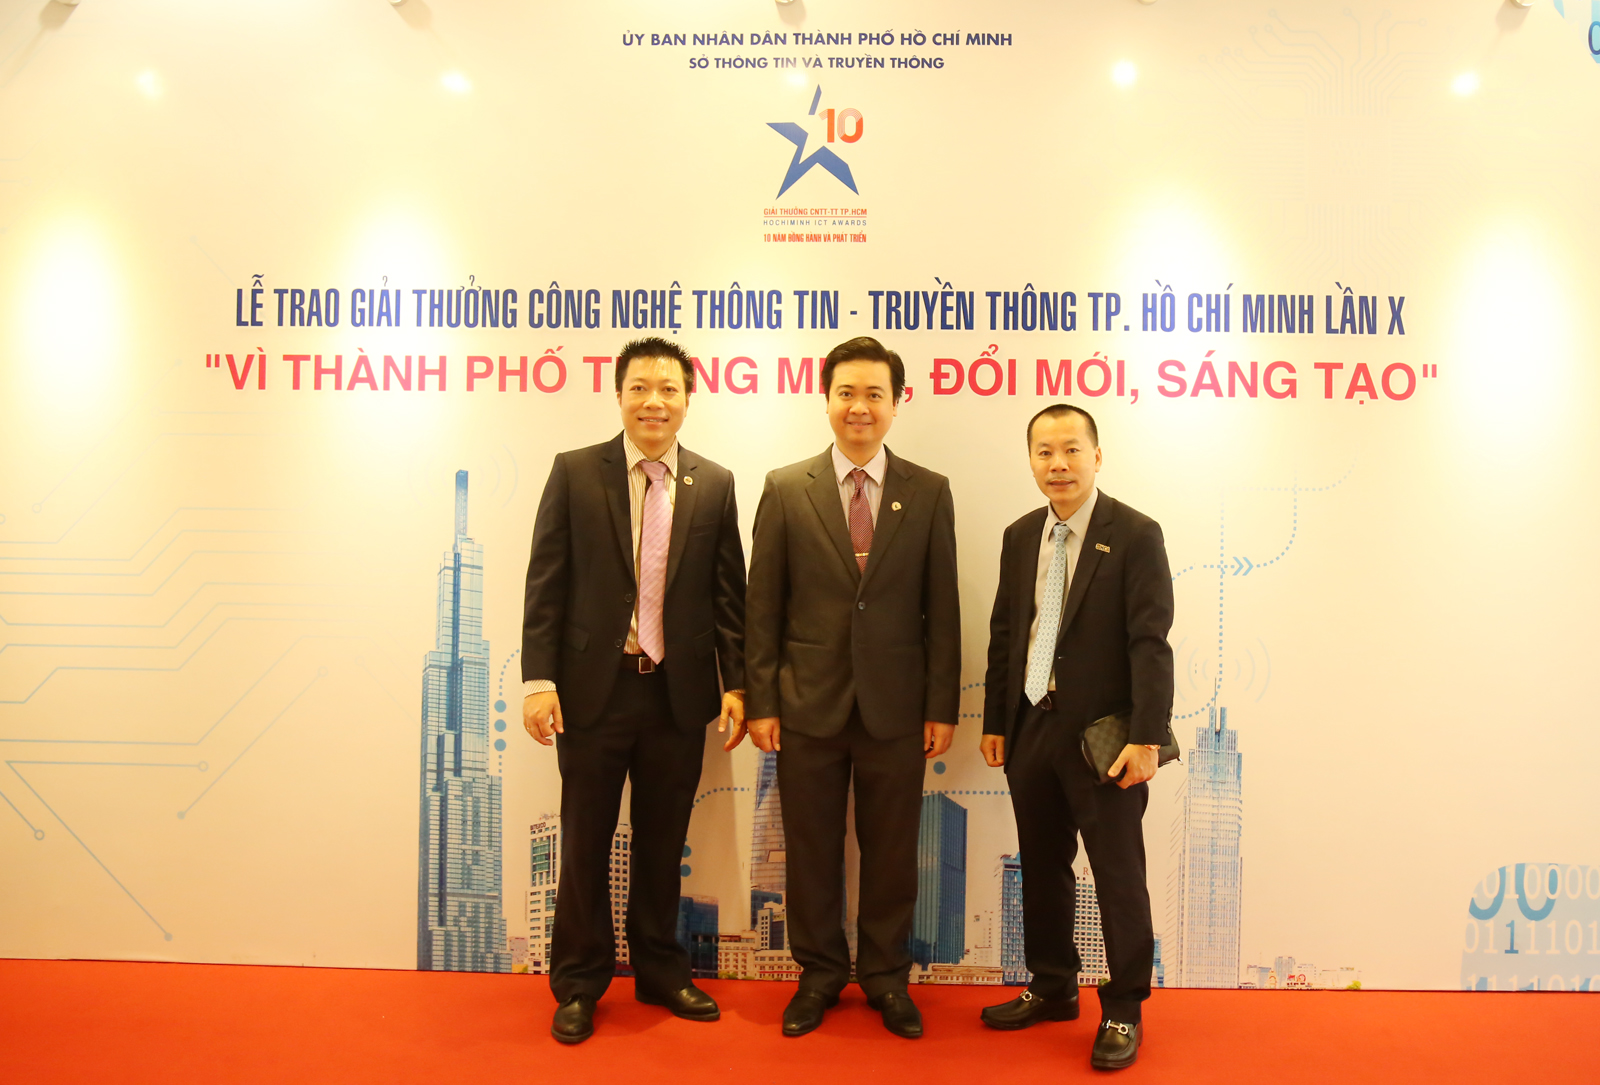 Ông Lữ Hồng Chương - PCT hội đồng quản trị công ty MISA, ông Lê Hữu Nguyên - PGĐ công ty MISA HCM